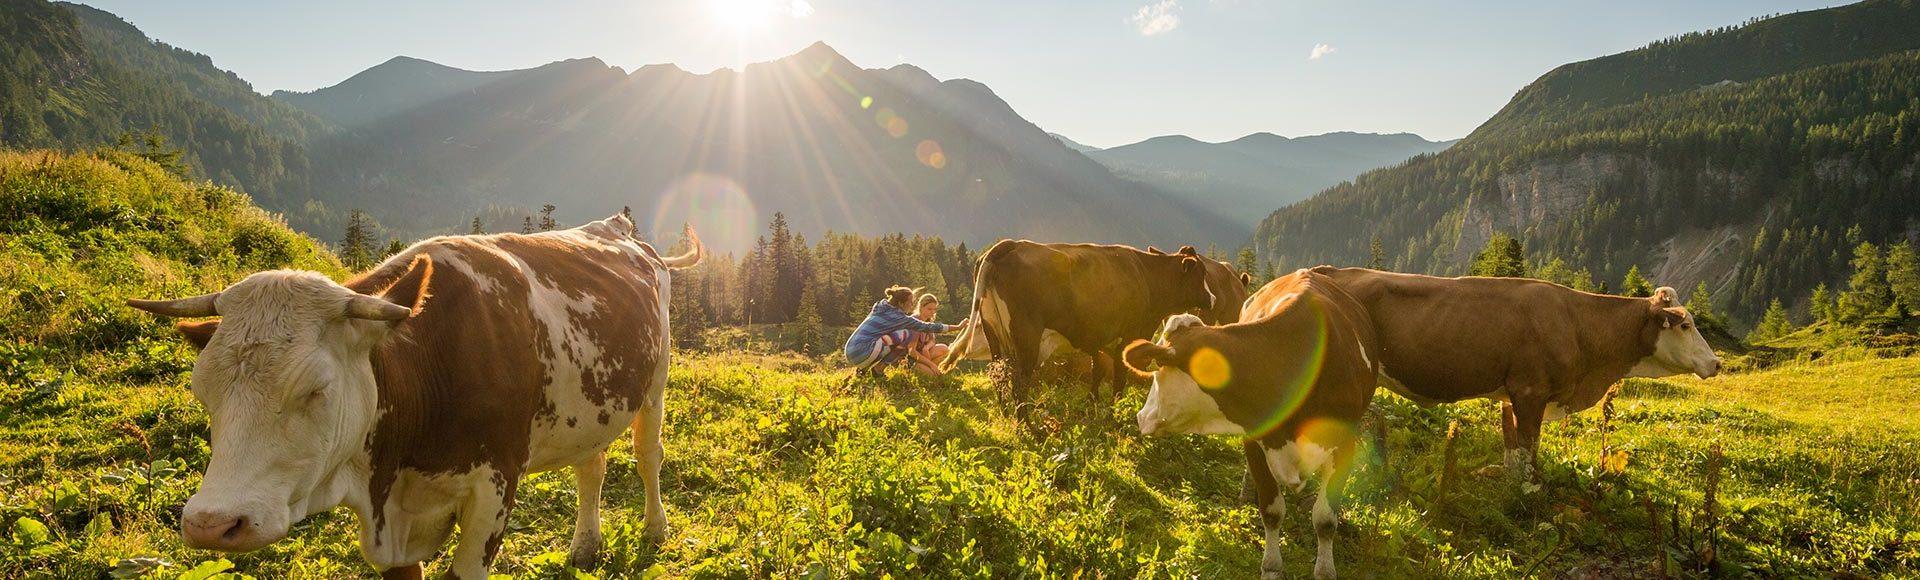 Sommerurlaub Obertauern Salzburg 2